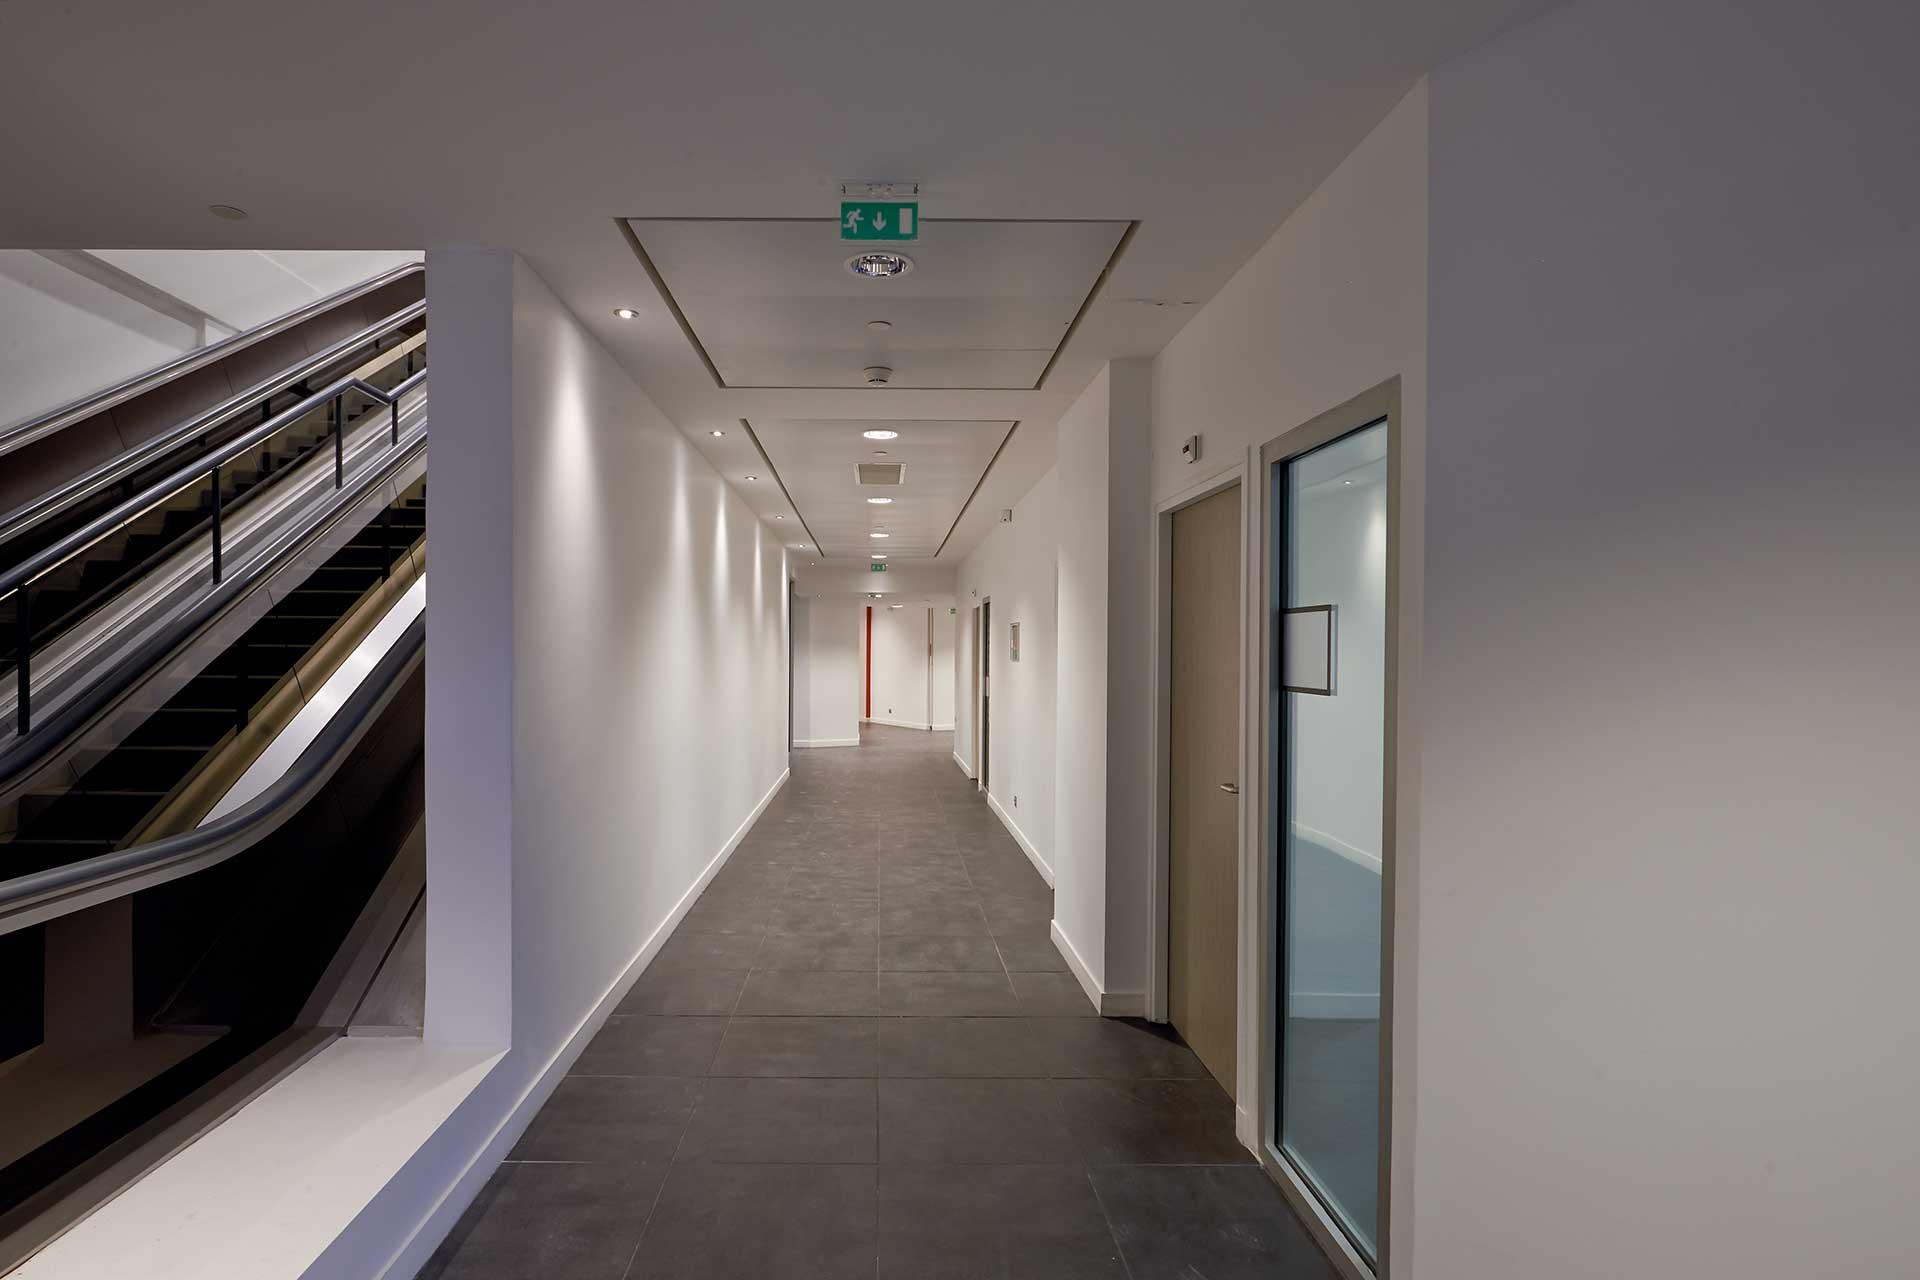 Plafonds suspendus démontables dalles métalliques bac pivotant